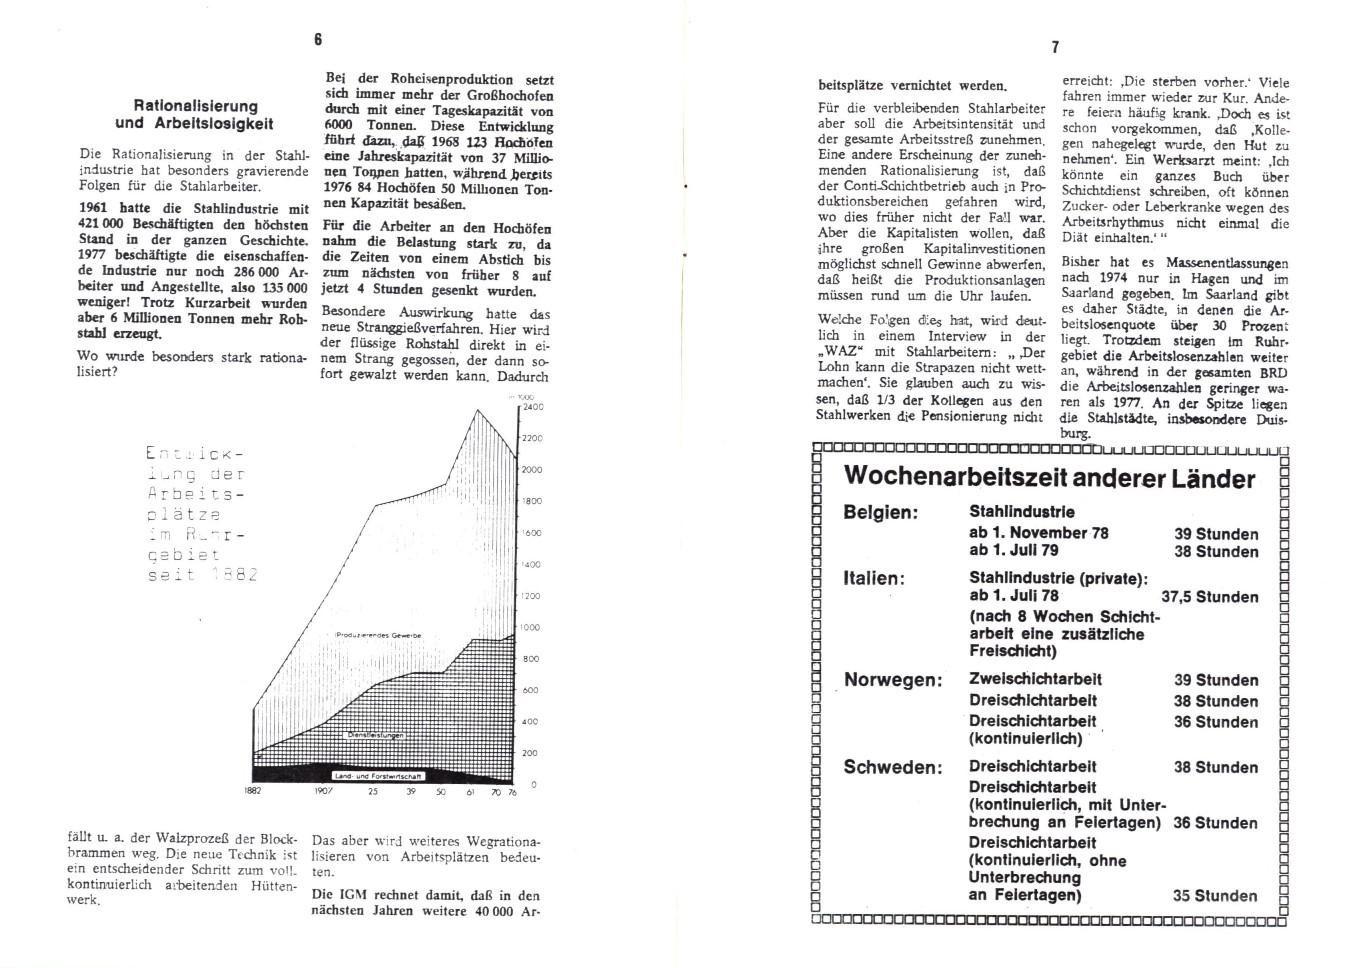 KPDAO_1979_Streik_in_der_Stahlindustrie_05